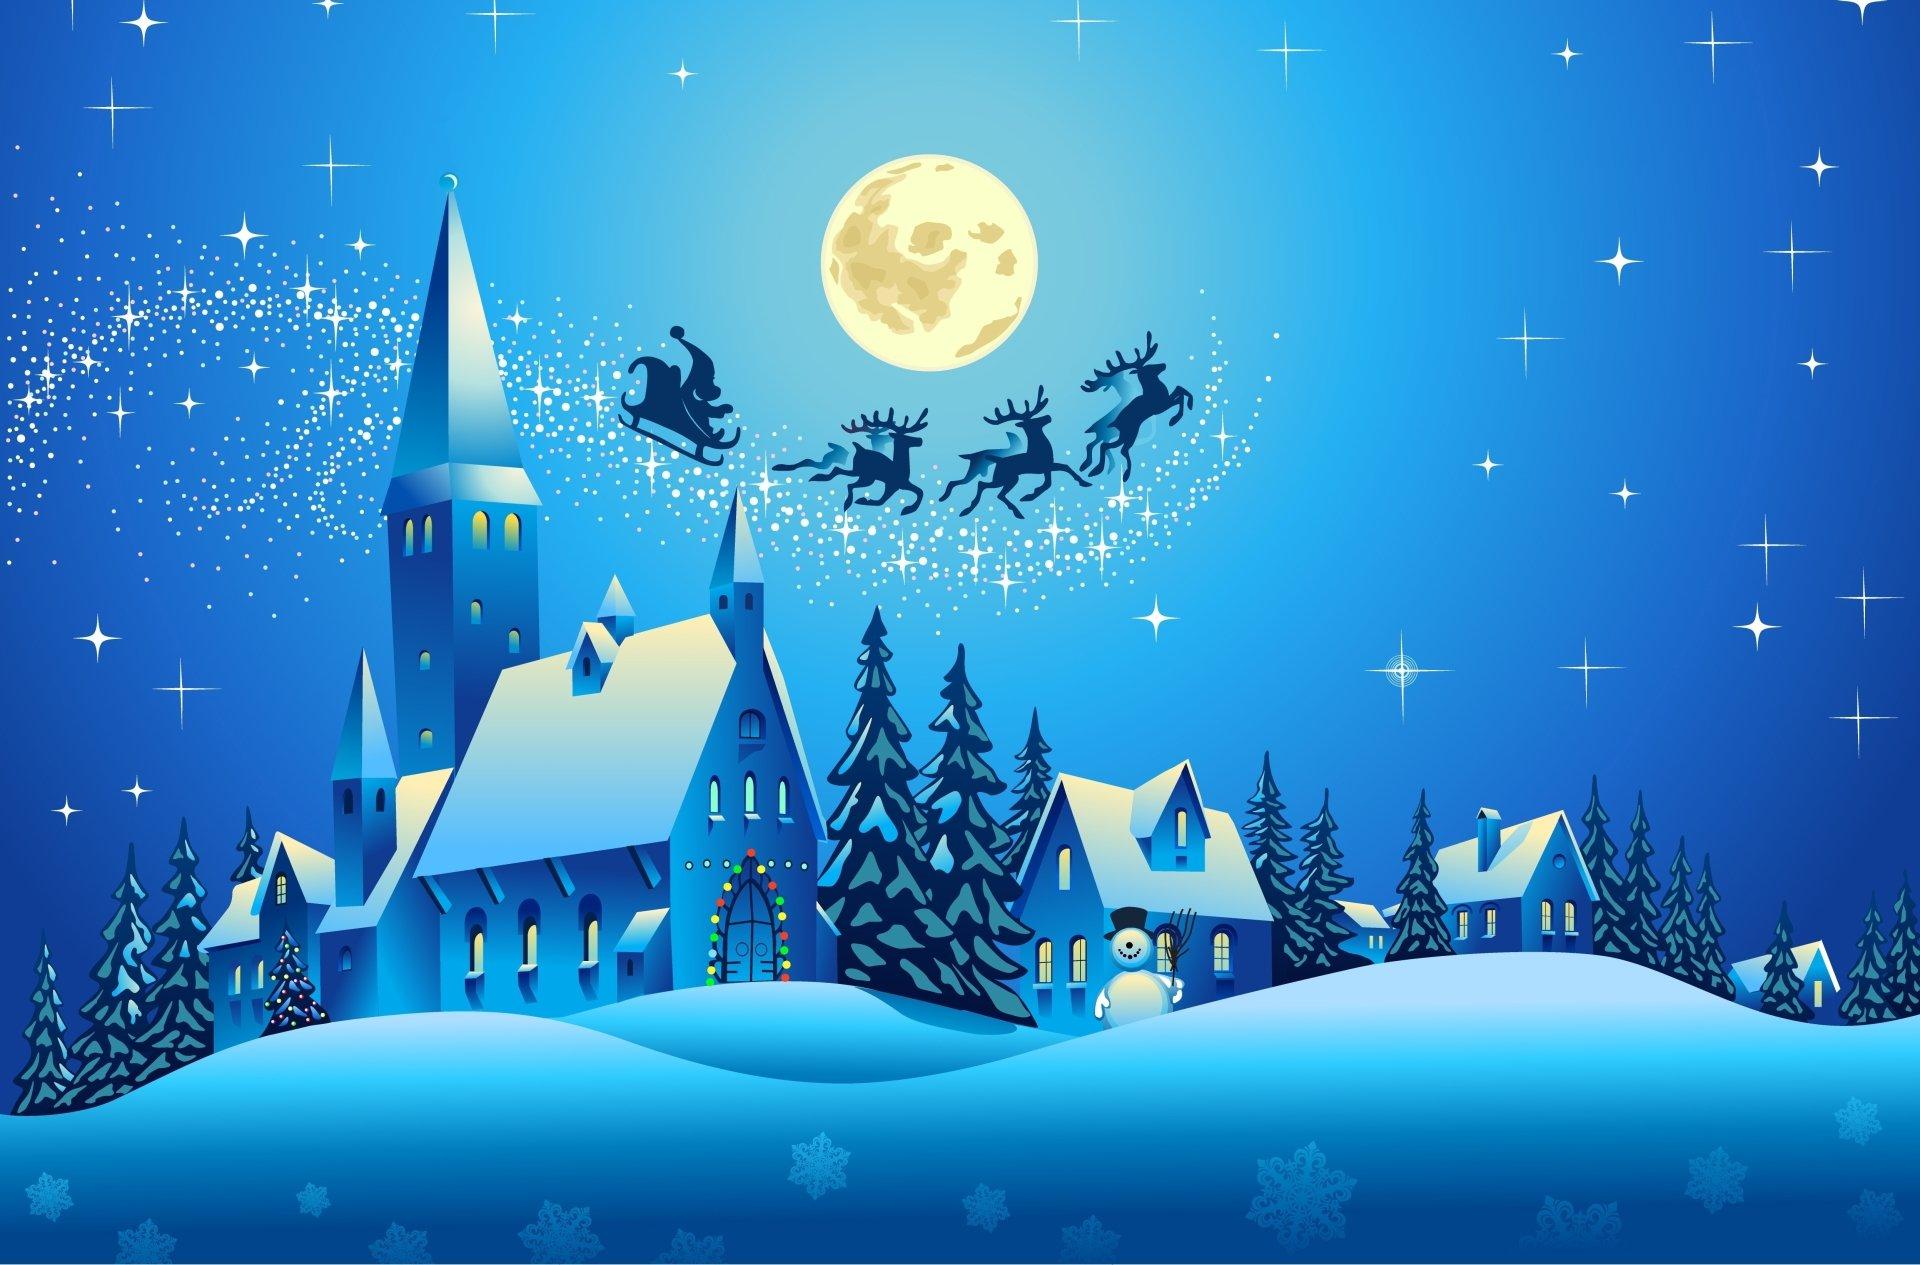 节日 - 圣诞节  艺术 蓝色 Santa Sleigh 房屋 雪人 教堂 树 壁纸